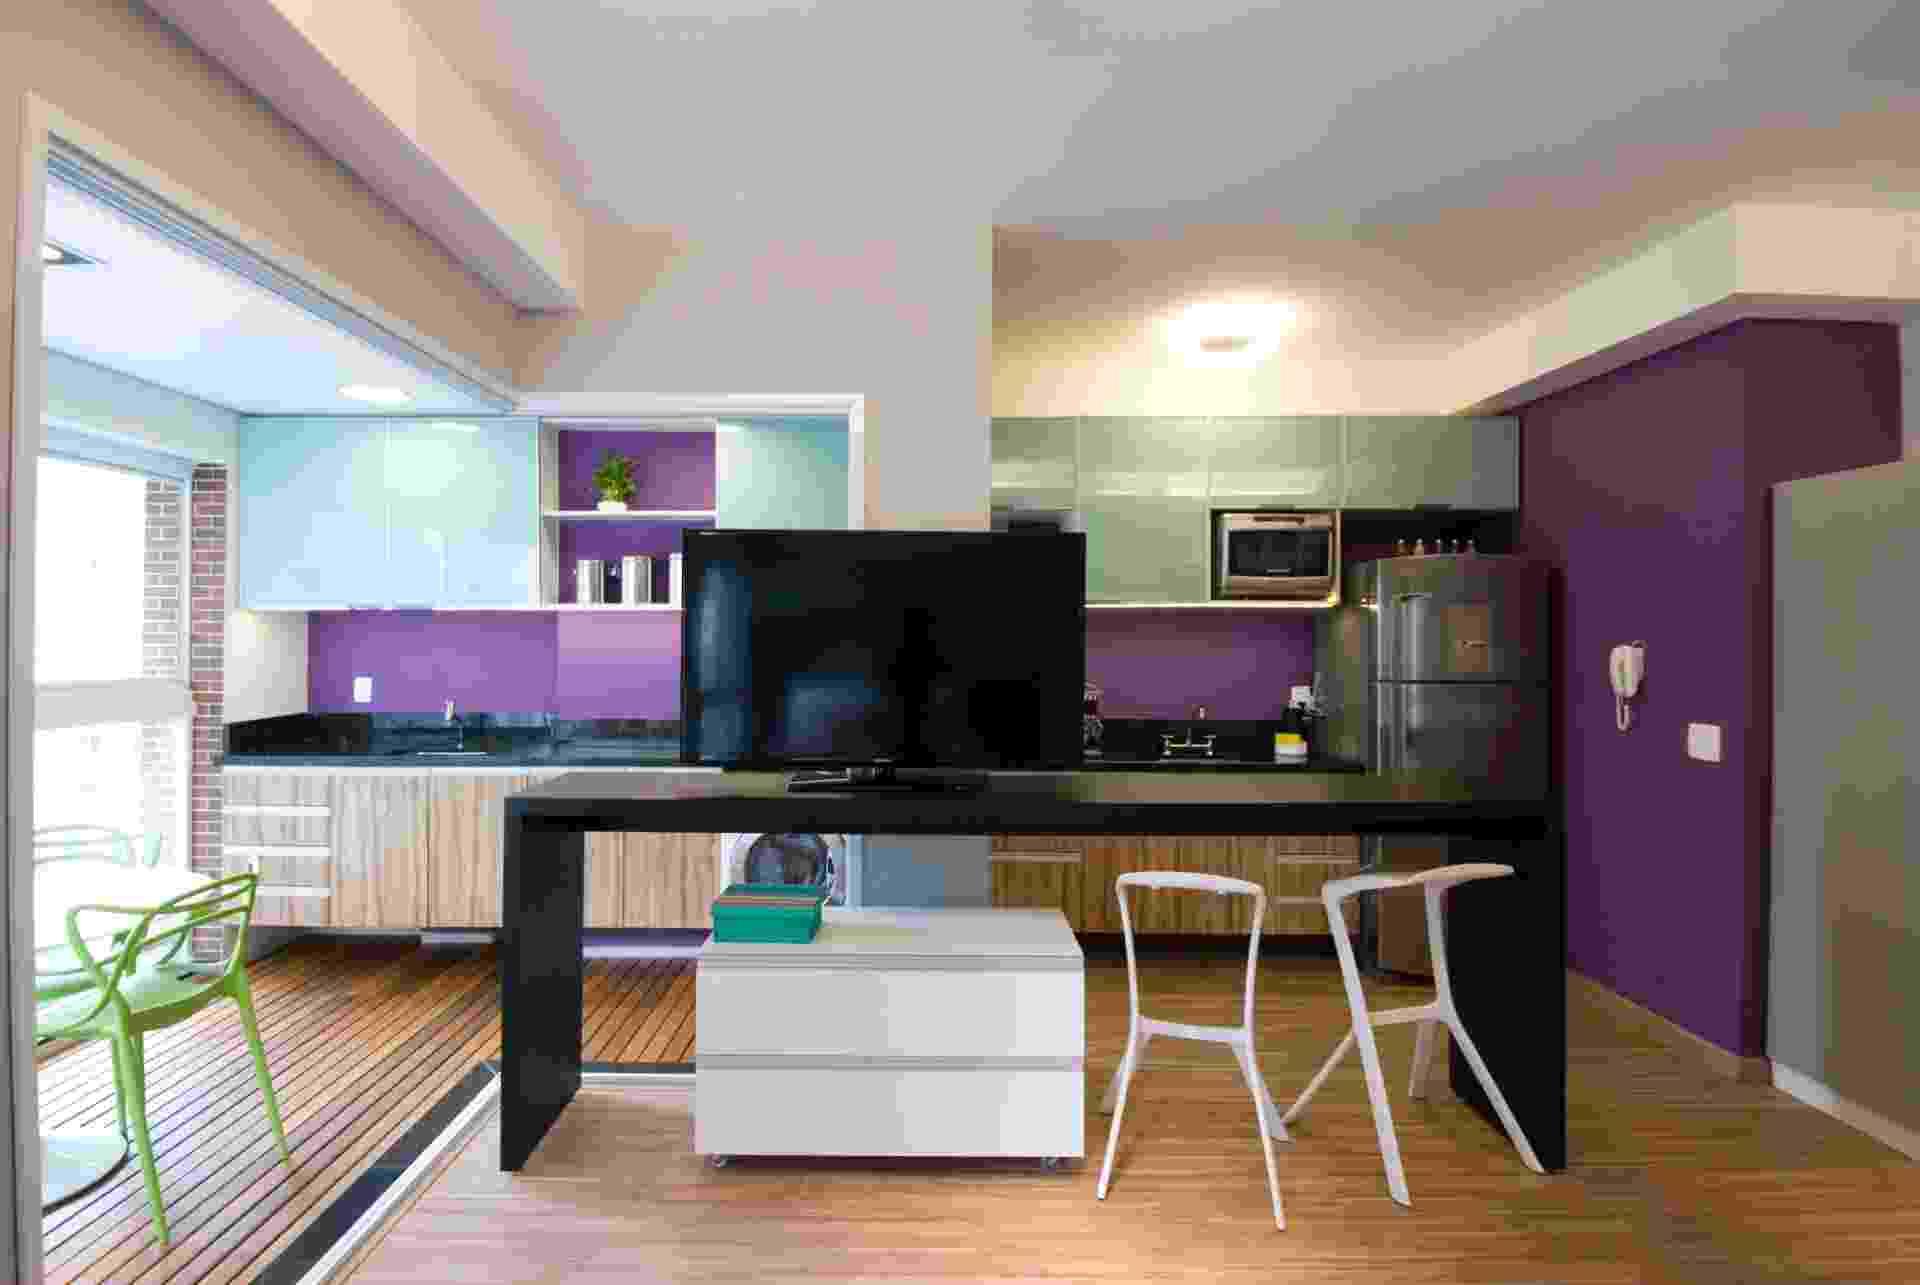 A fim de aproveitar melhor os espaços, Leandro Matsuda resolveu integrar a varanda com os ambientes internos, removendo as portas de vidro que separavam as áreas (à esq.). Ao fundo, as paredes pintadas com tinta lavável roxa substituem os azulejos. A cor cria um visual descontraído para o apartamento com 35 m² - Leandro Matsuda/ Divulgação